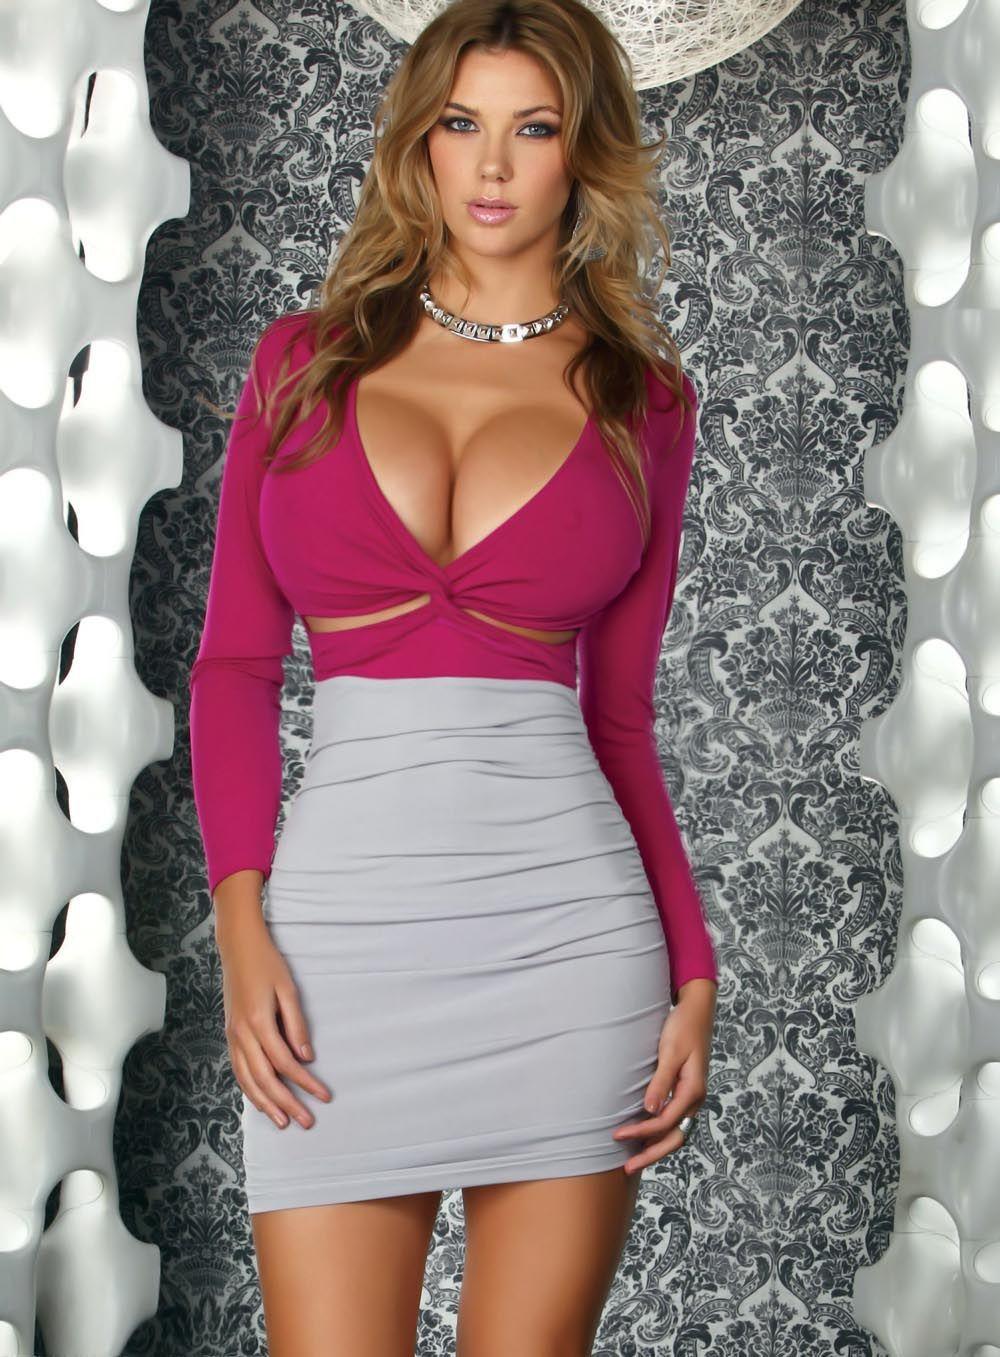 Обтягивающее платье на девушке с ...